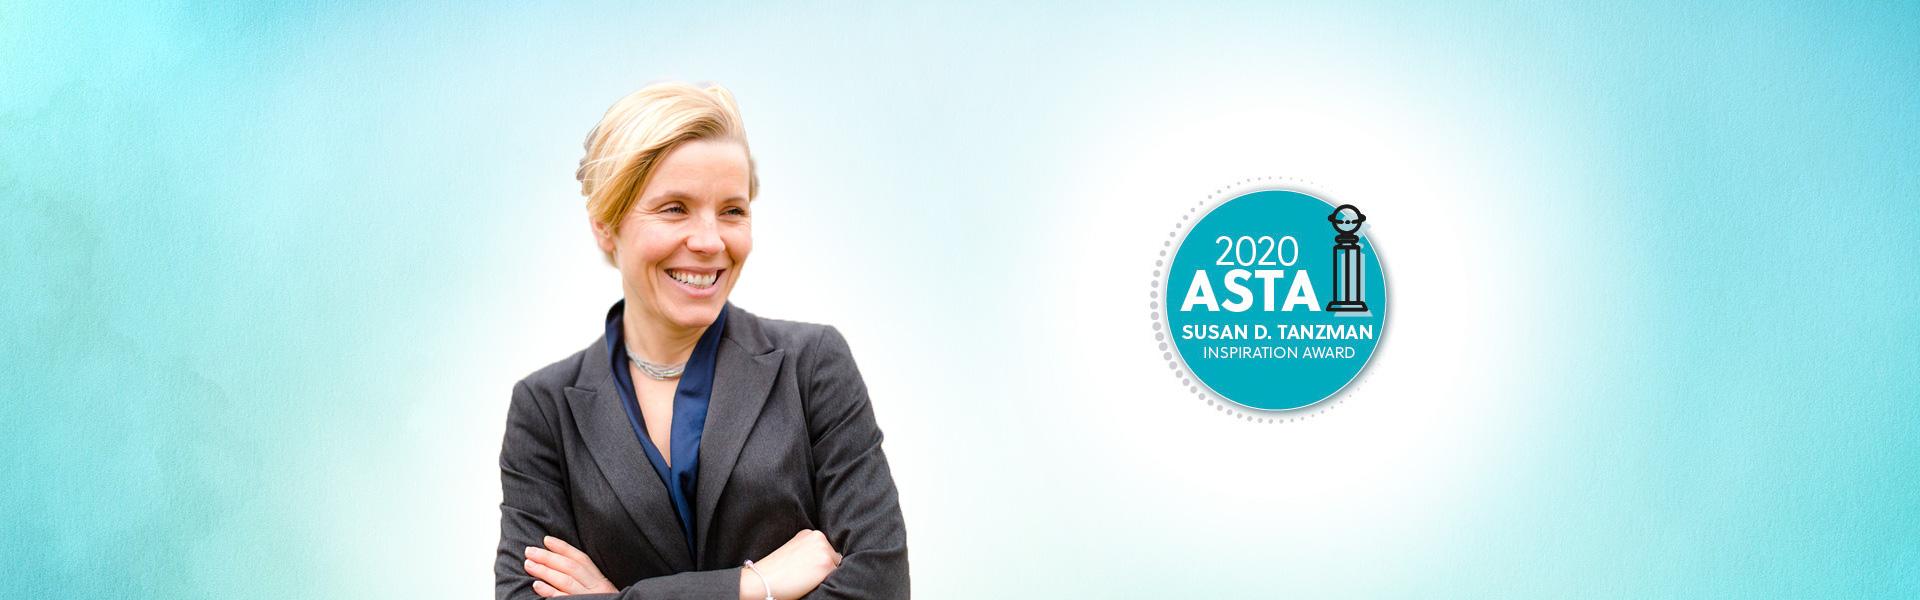 Karolina Shenton receives Susan D. Tanzman Inspiration Award